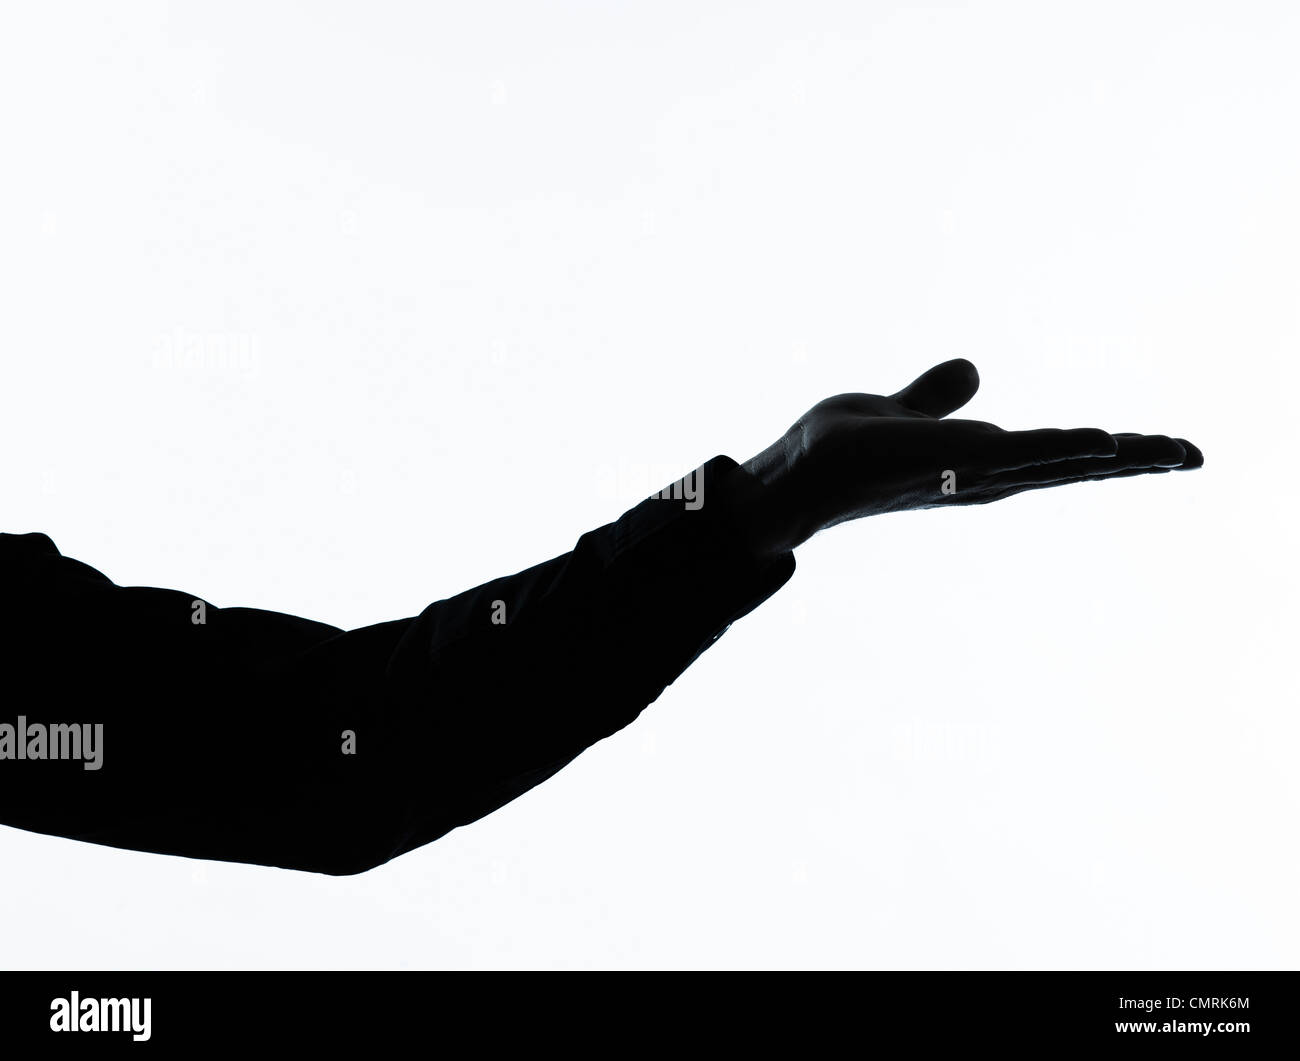 ein kaukasischer Mann leere Hand öffnen Porträt Silhouette in Studio isoliert auf weißem Hintergrund Stockbild